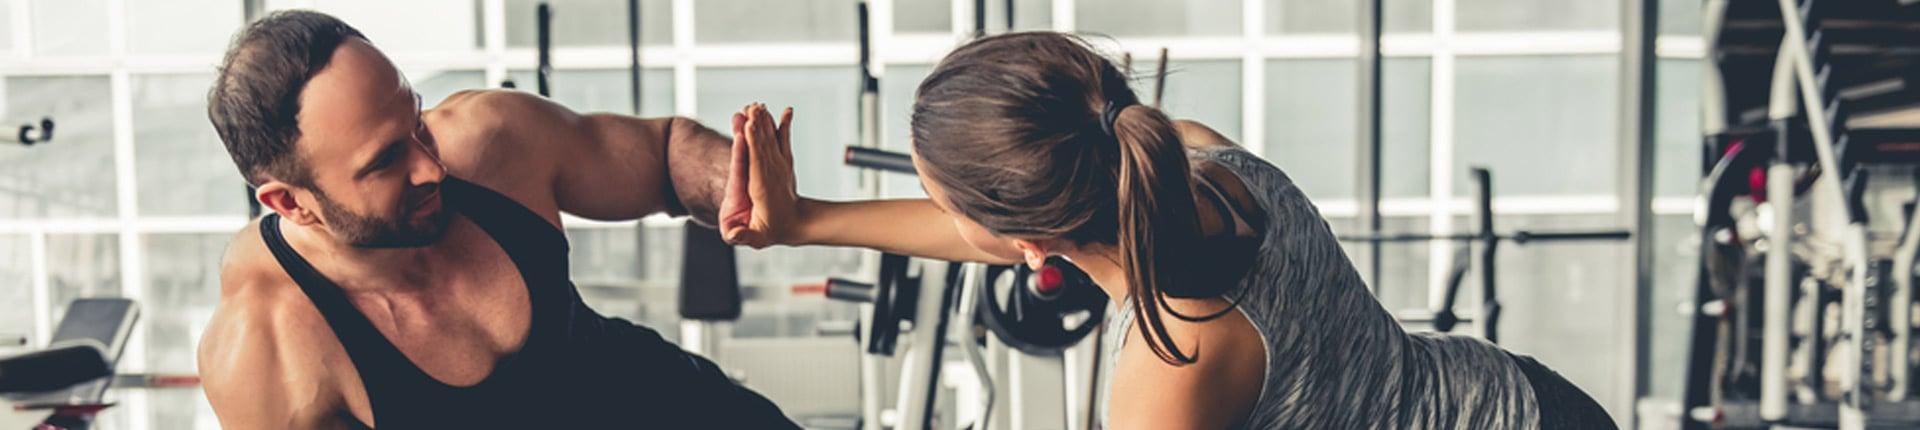 Stres oksydacyjny: jak z nim walczyć i czy trzeba zapobiegać?